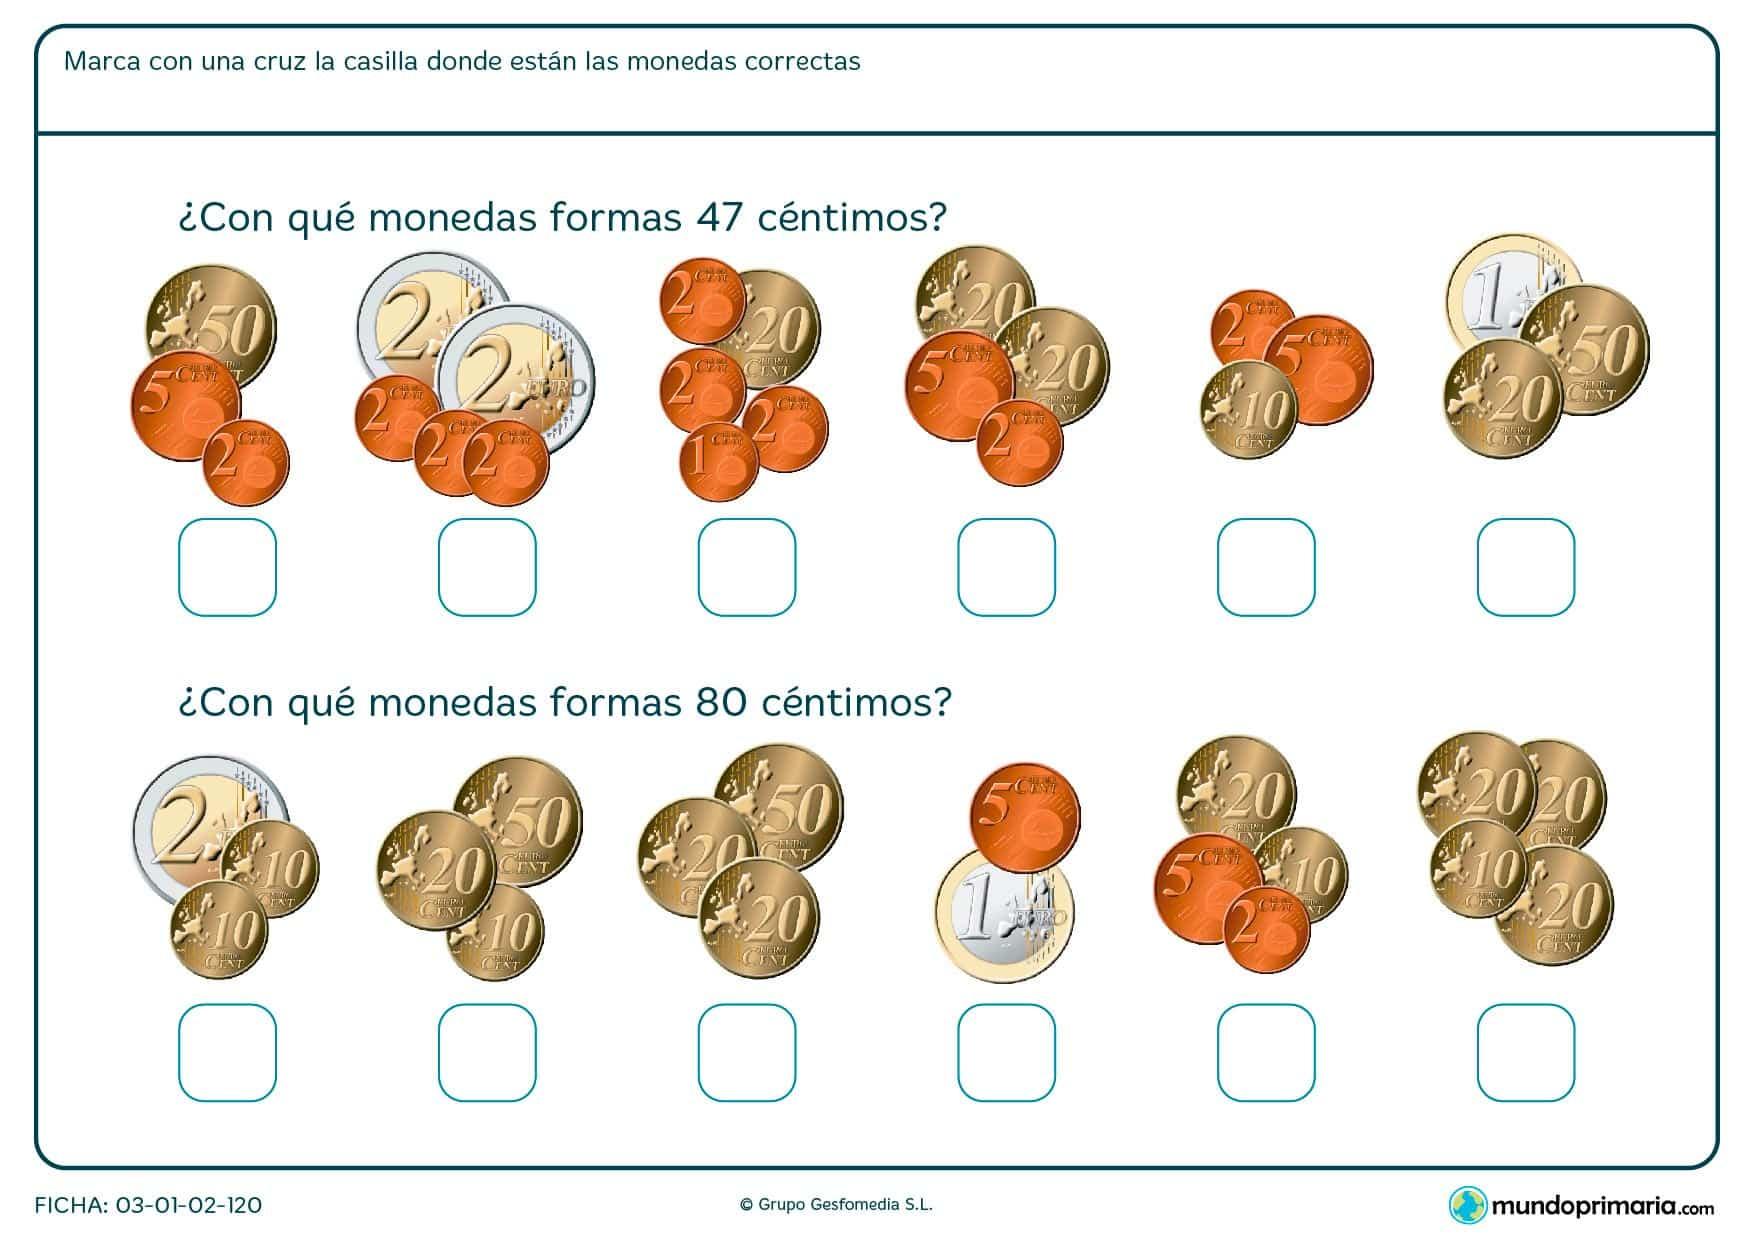 Ficha de adición de monedas indicando cuál es el grupo que forman 47 céntimos y cuál el de 80 céntimos.